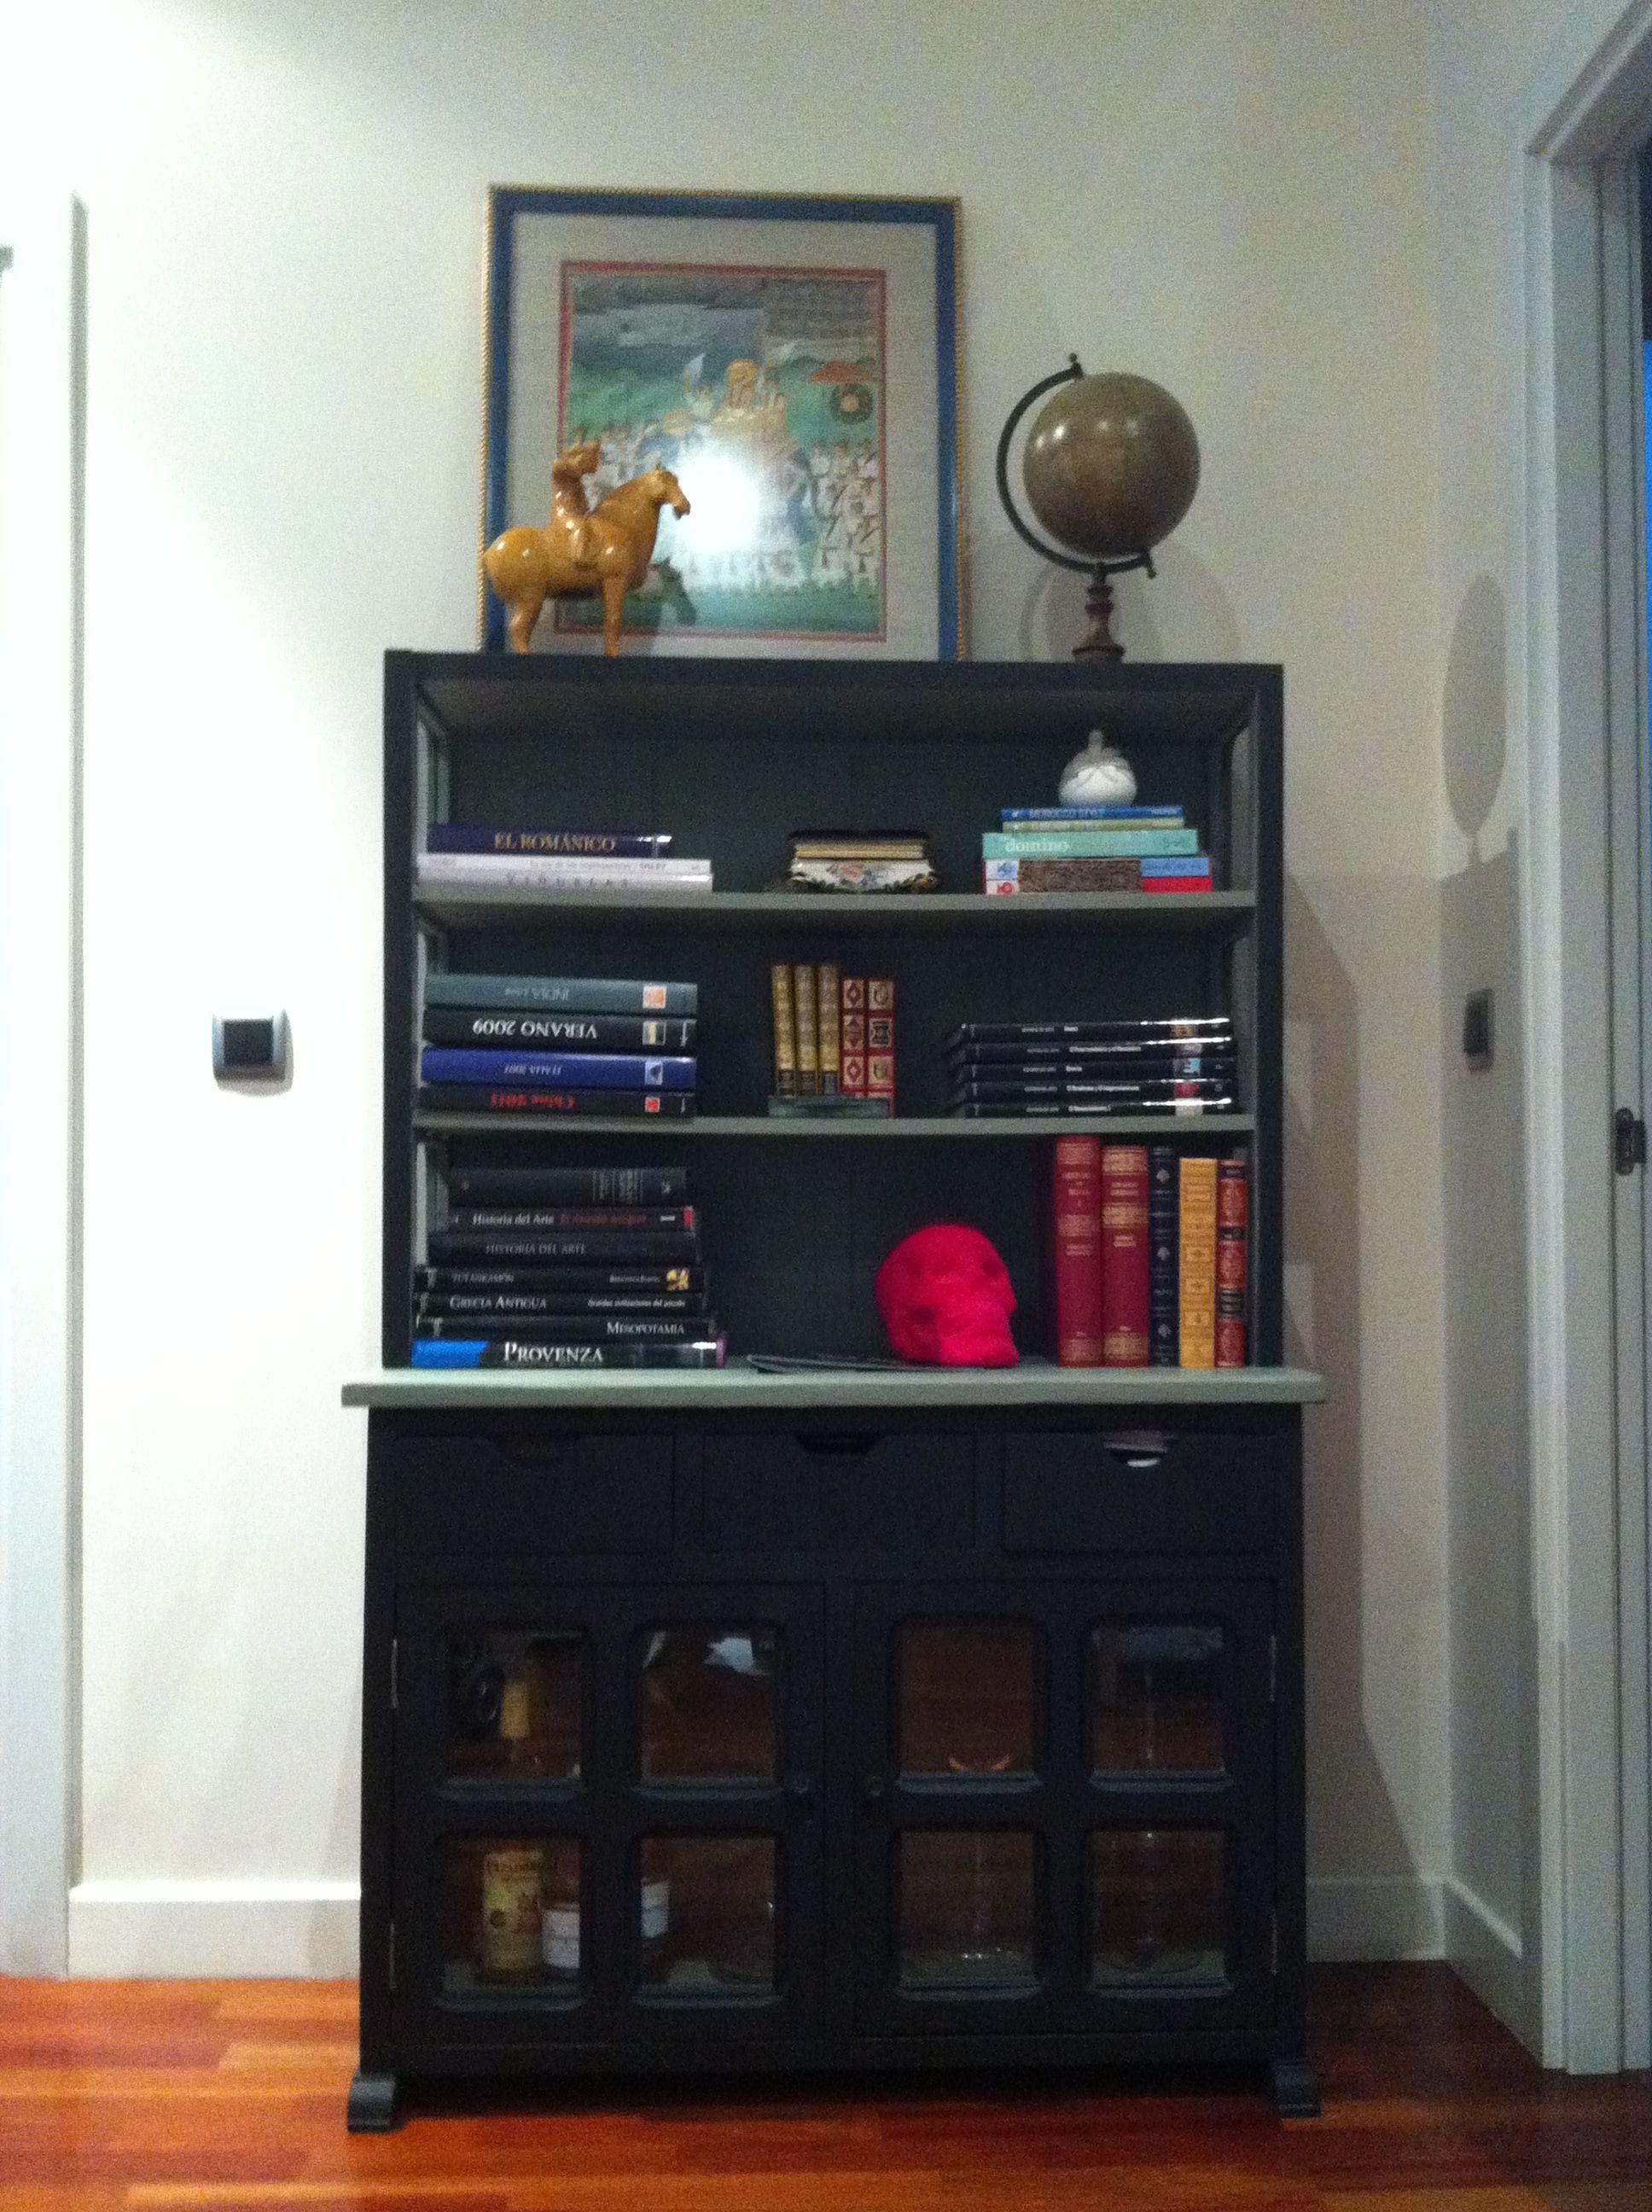 Un Antiguo Mueble Castellano Transformado En Una Preciosa Libreria  ~ Curso De Restauraciã³n De Muebles Madrid